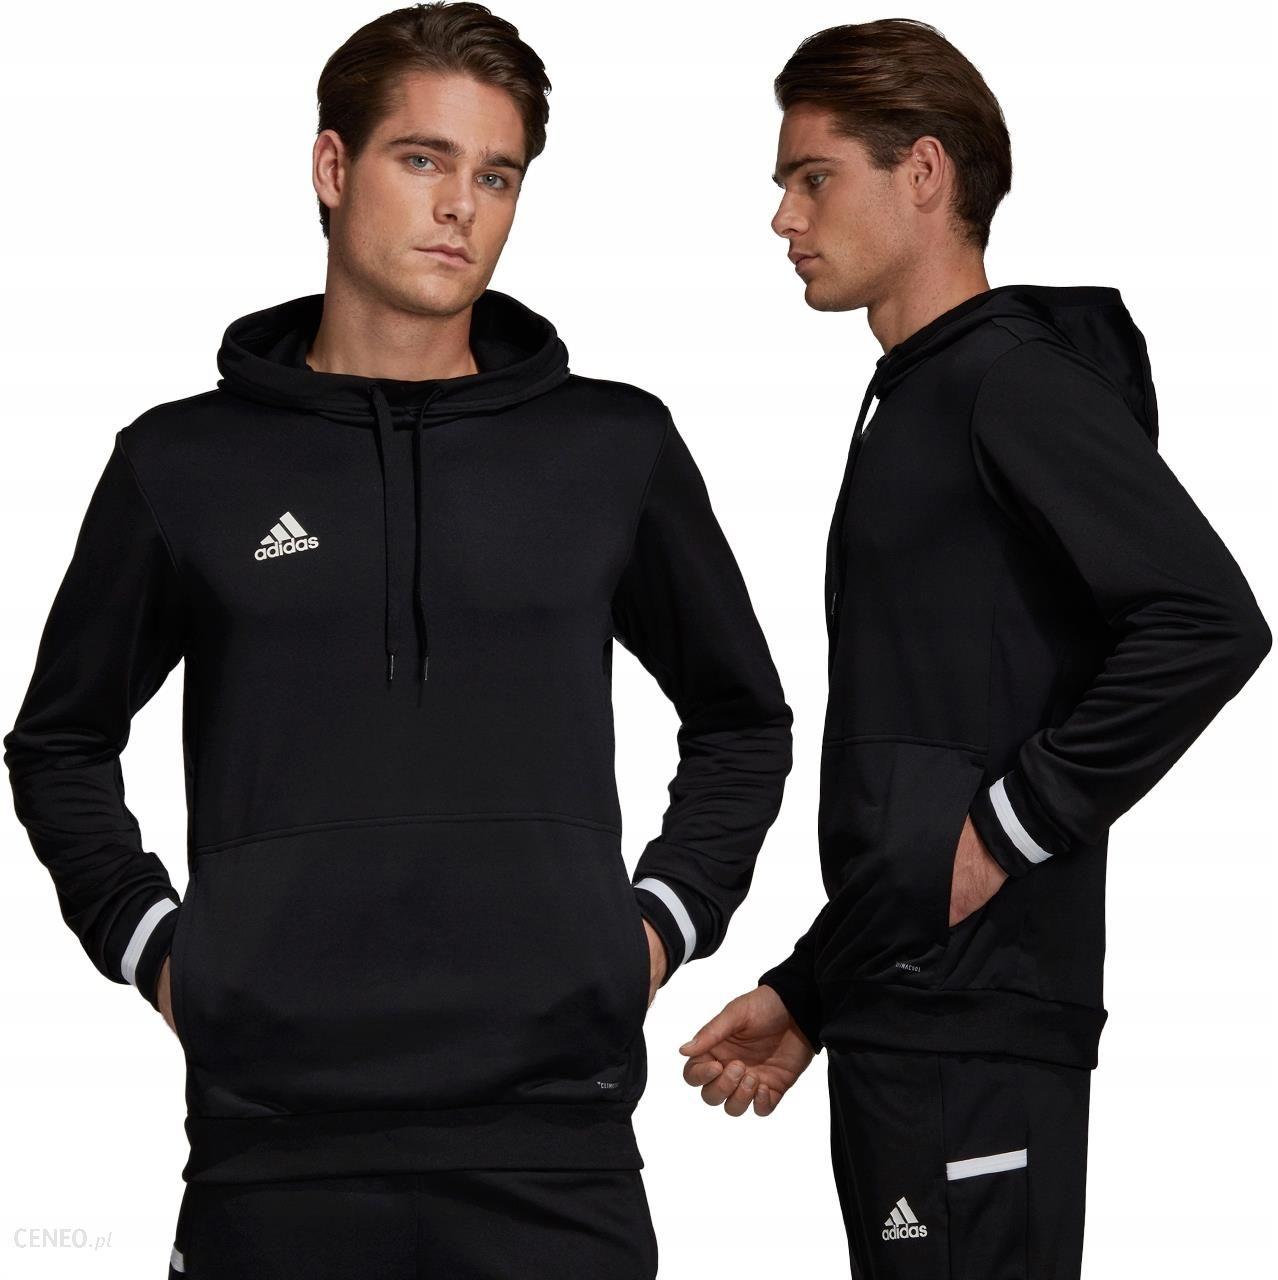 Adidas Bluza Męska Z Kapturem Czarna M